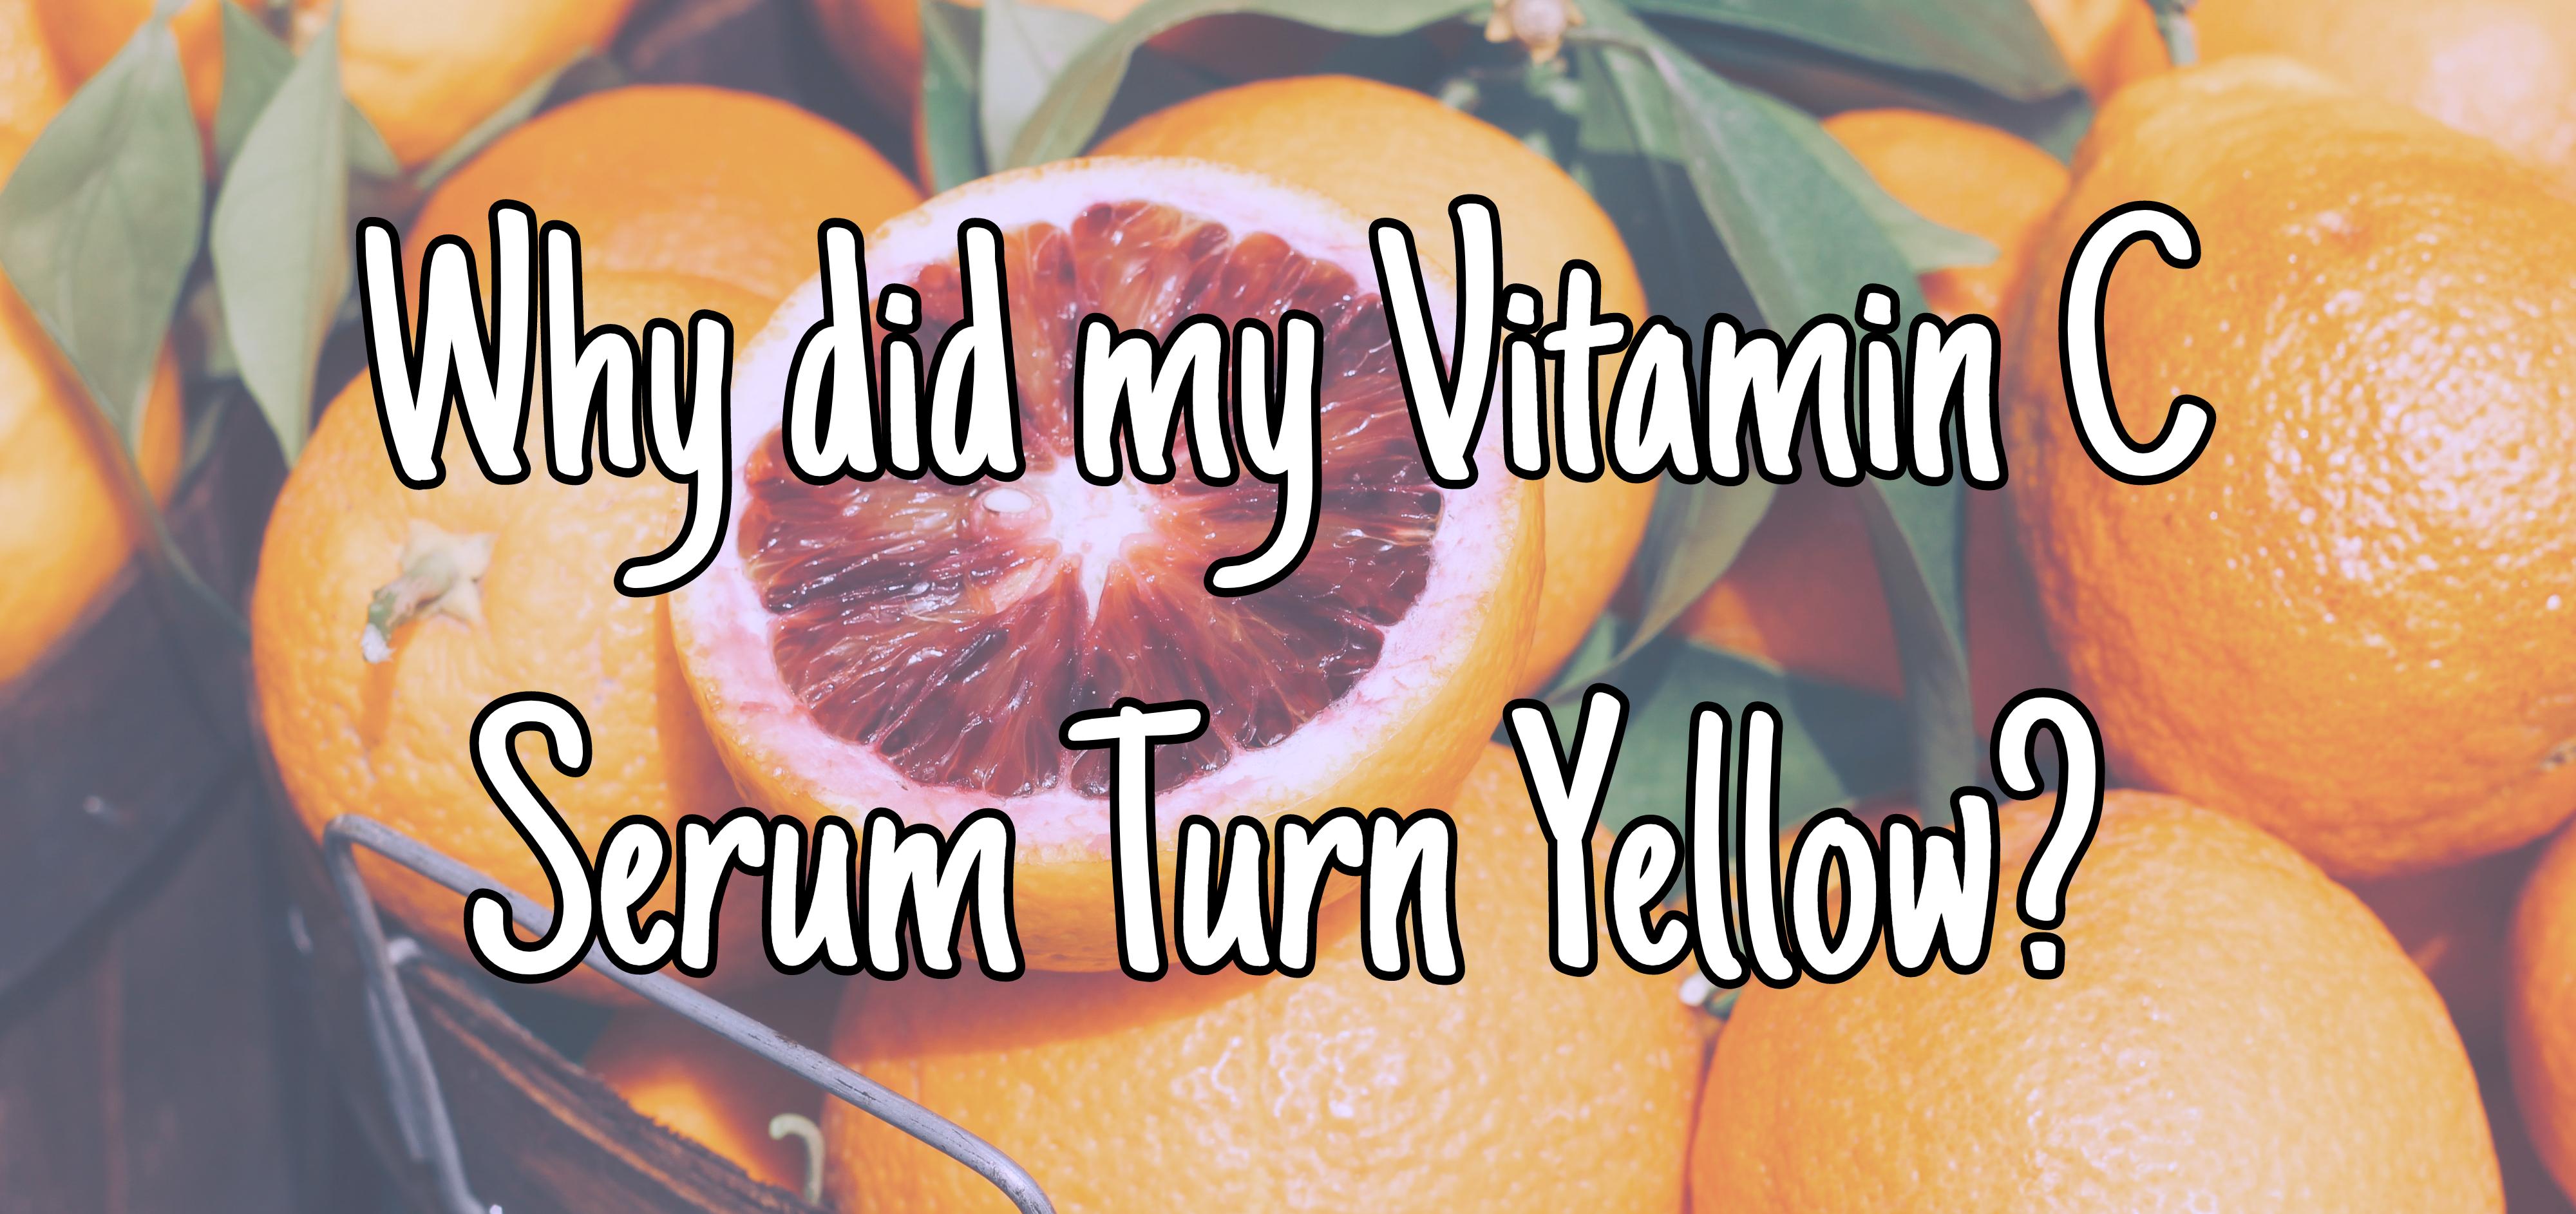 Why did my Vitamin C Serum Turn Yellow?